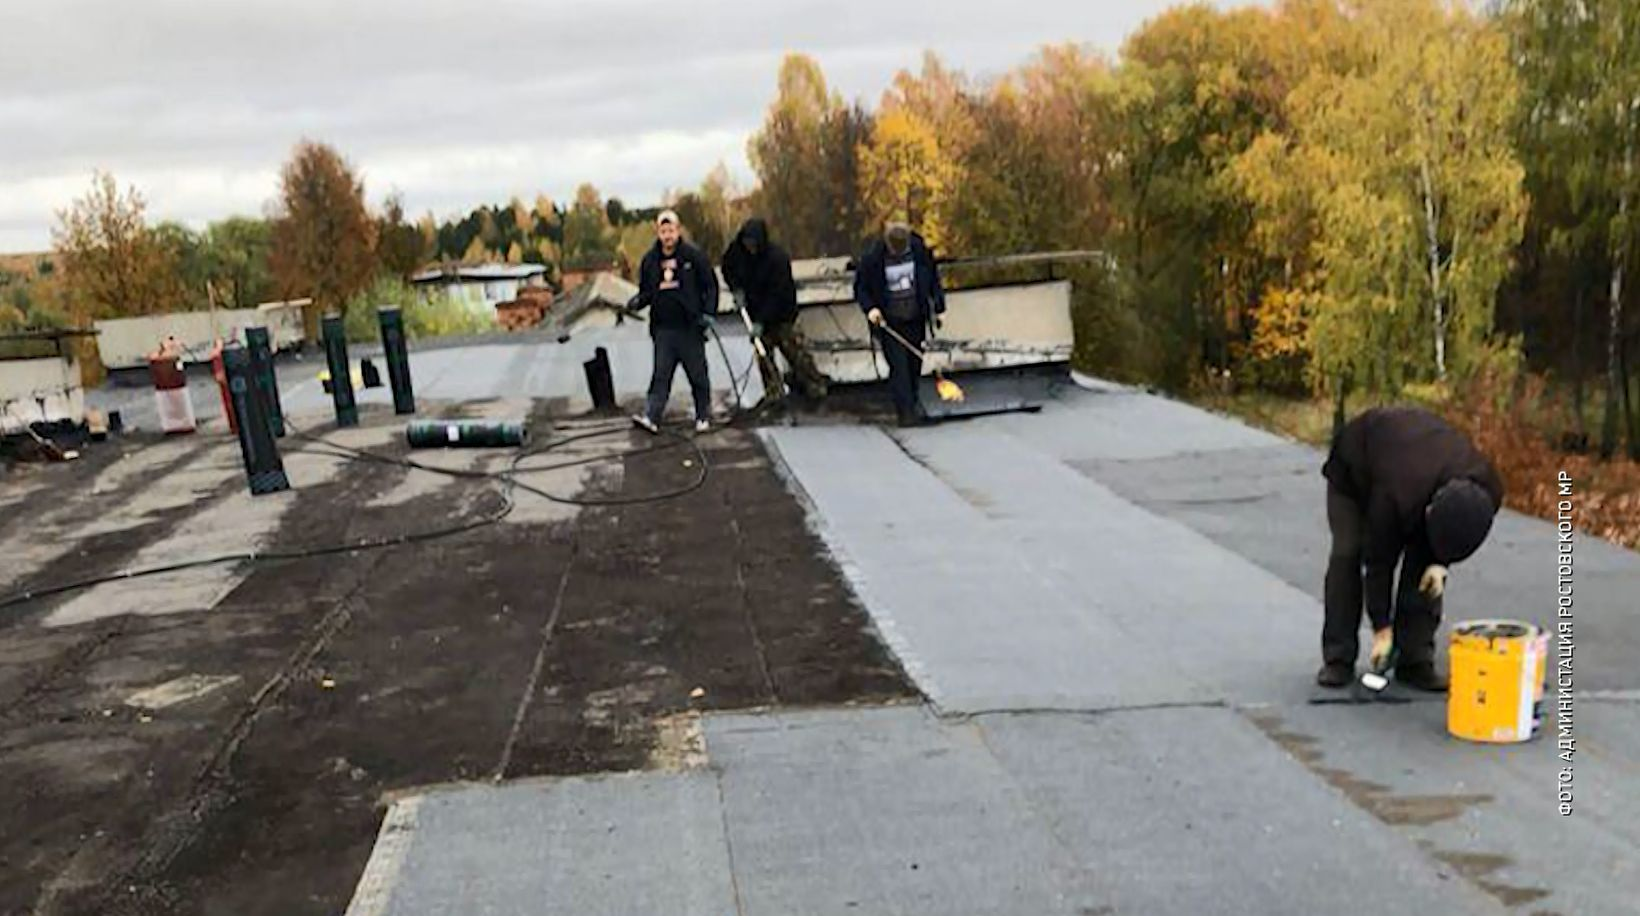 Ремонт крыши дома по улице Заводской поселка Хмельники Ярославской области включили в план капремонта